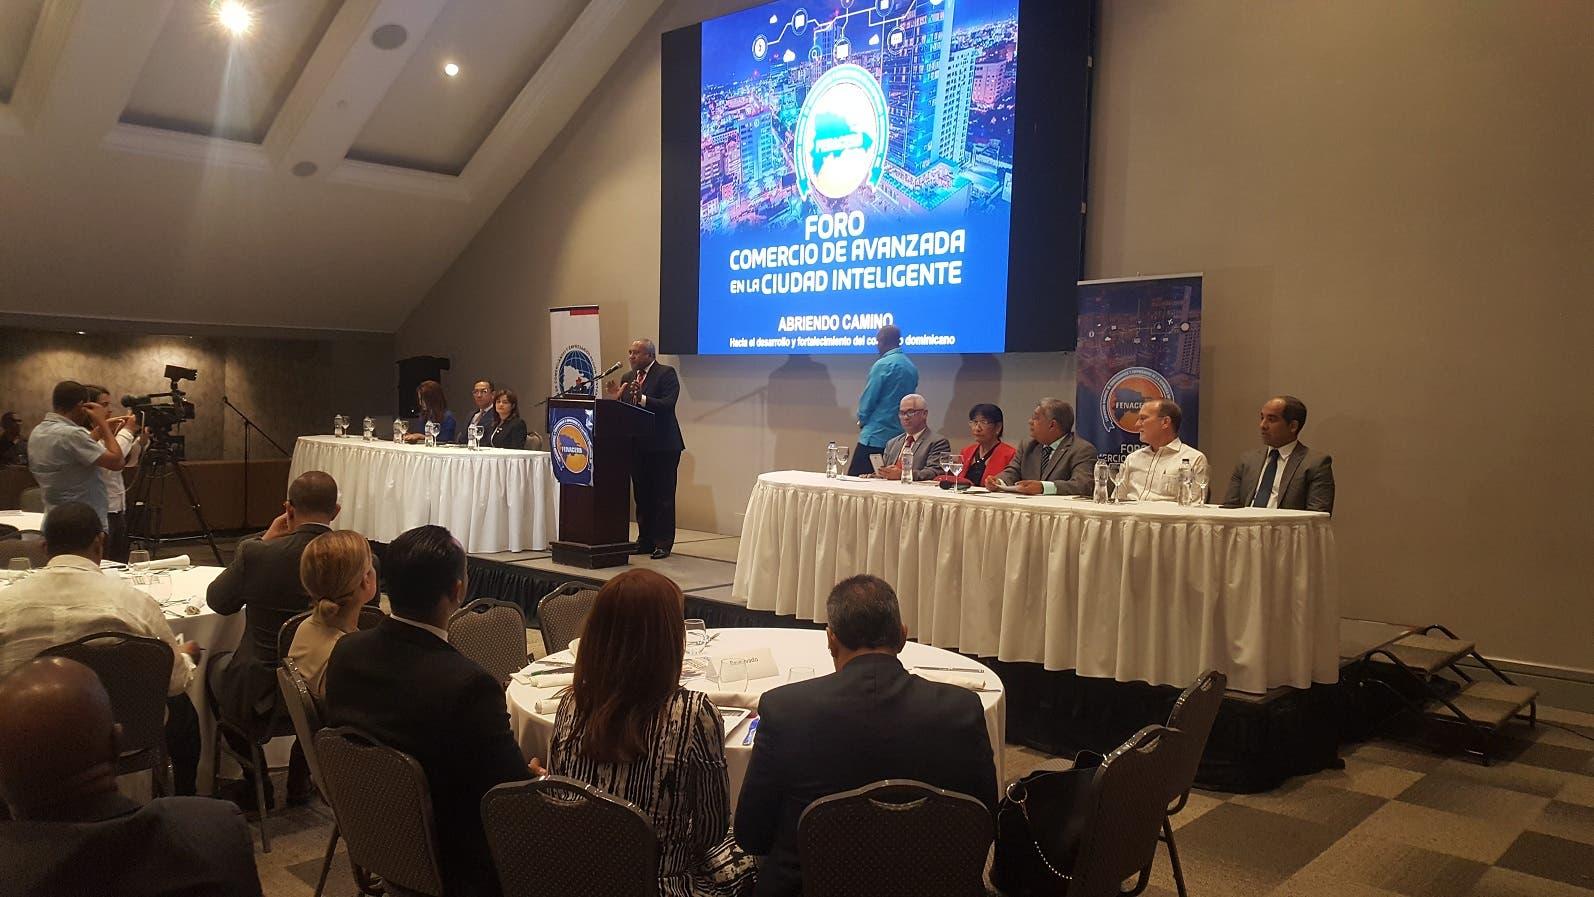 FENACERD dijo que el comercio minorista se siente amenazado por la incertidumbre que generan los conflictos políticos, los apagones, entre otros factores.